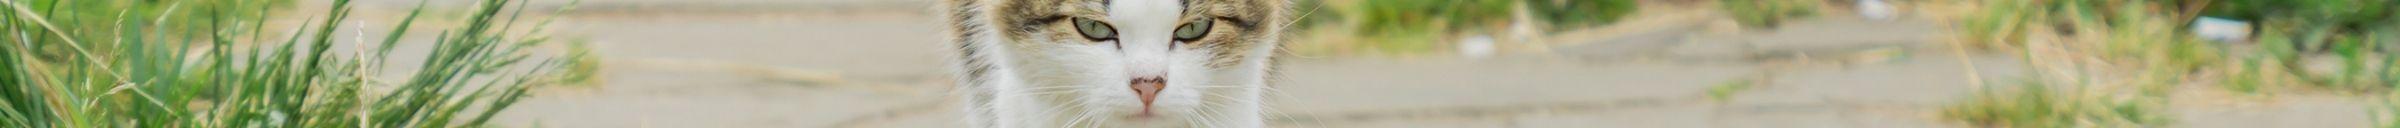 kintone ポータル スペース カバー画像(猫シリーズ)153